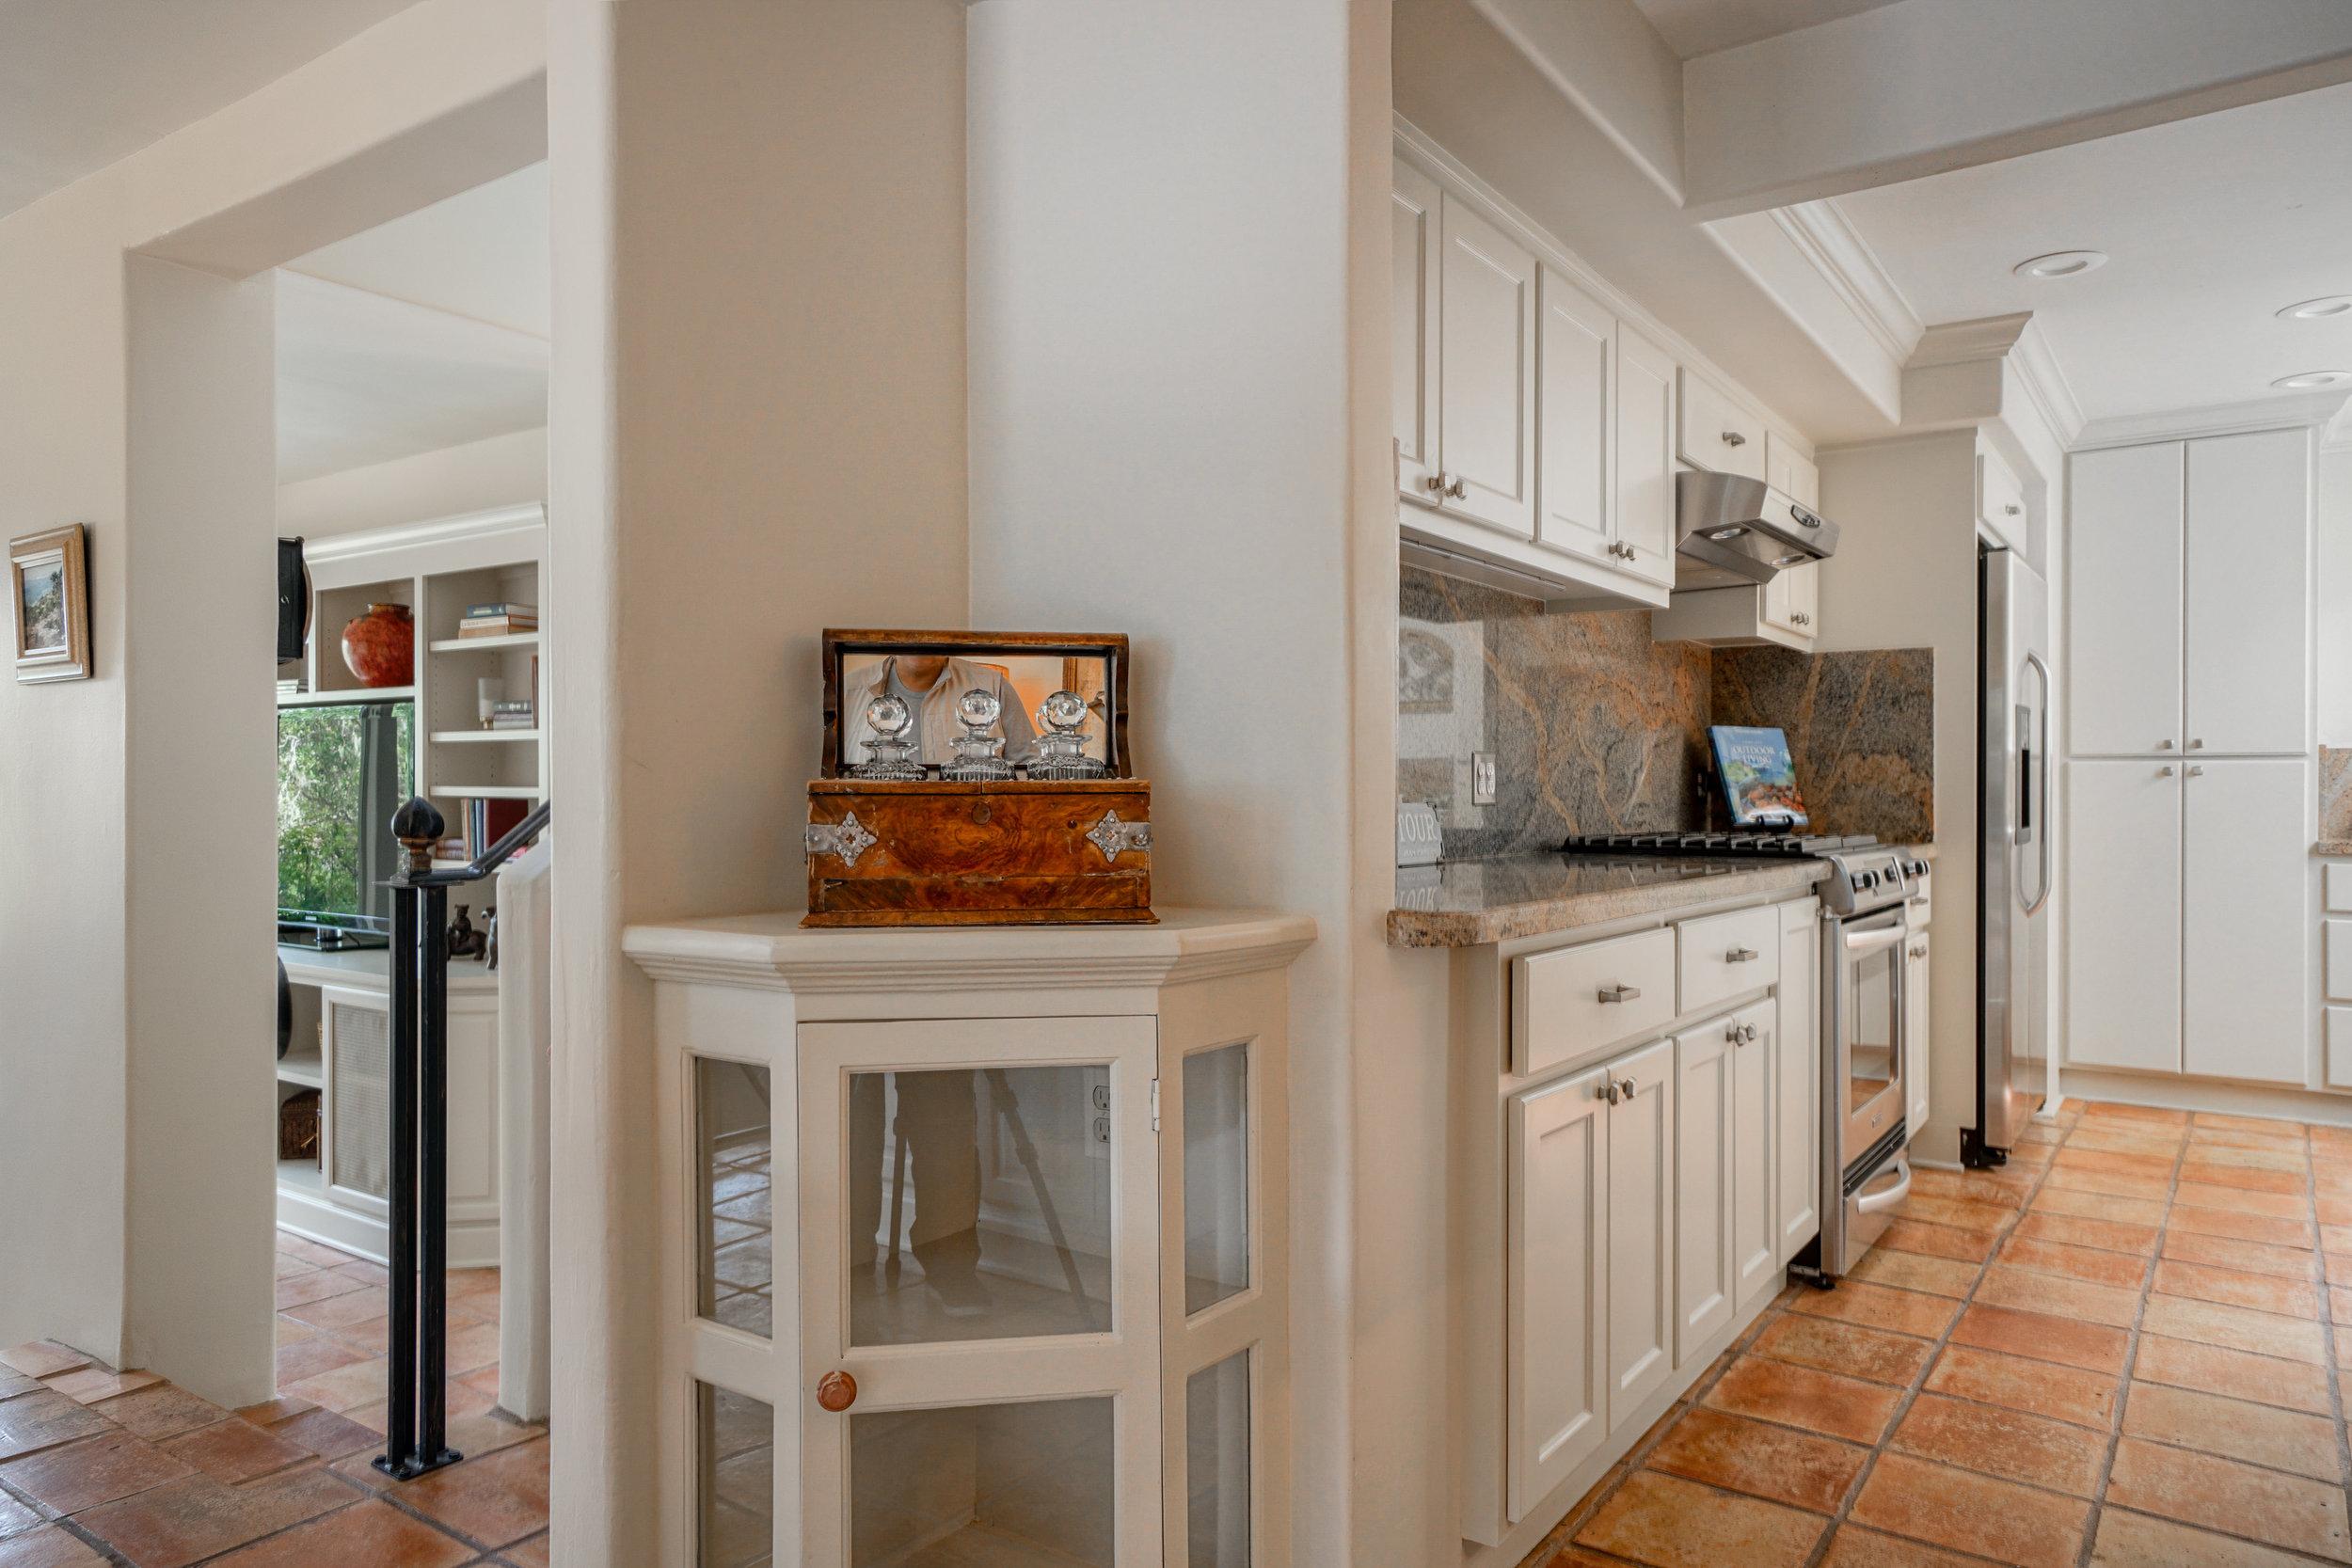 10 dining kitchen.jpg